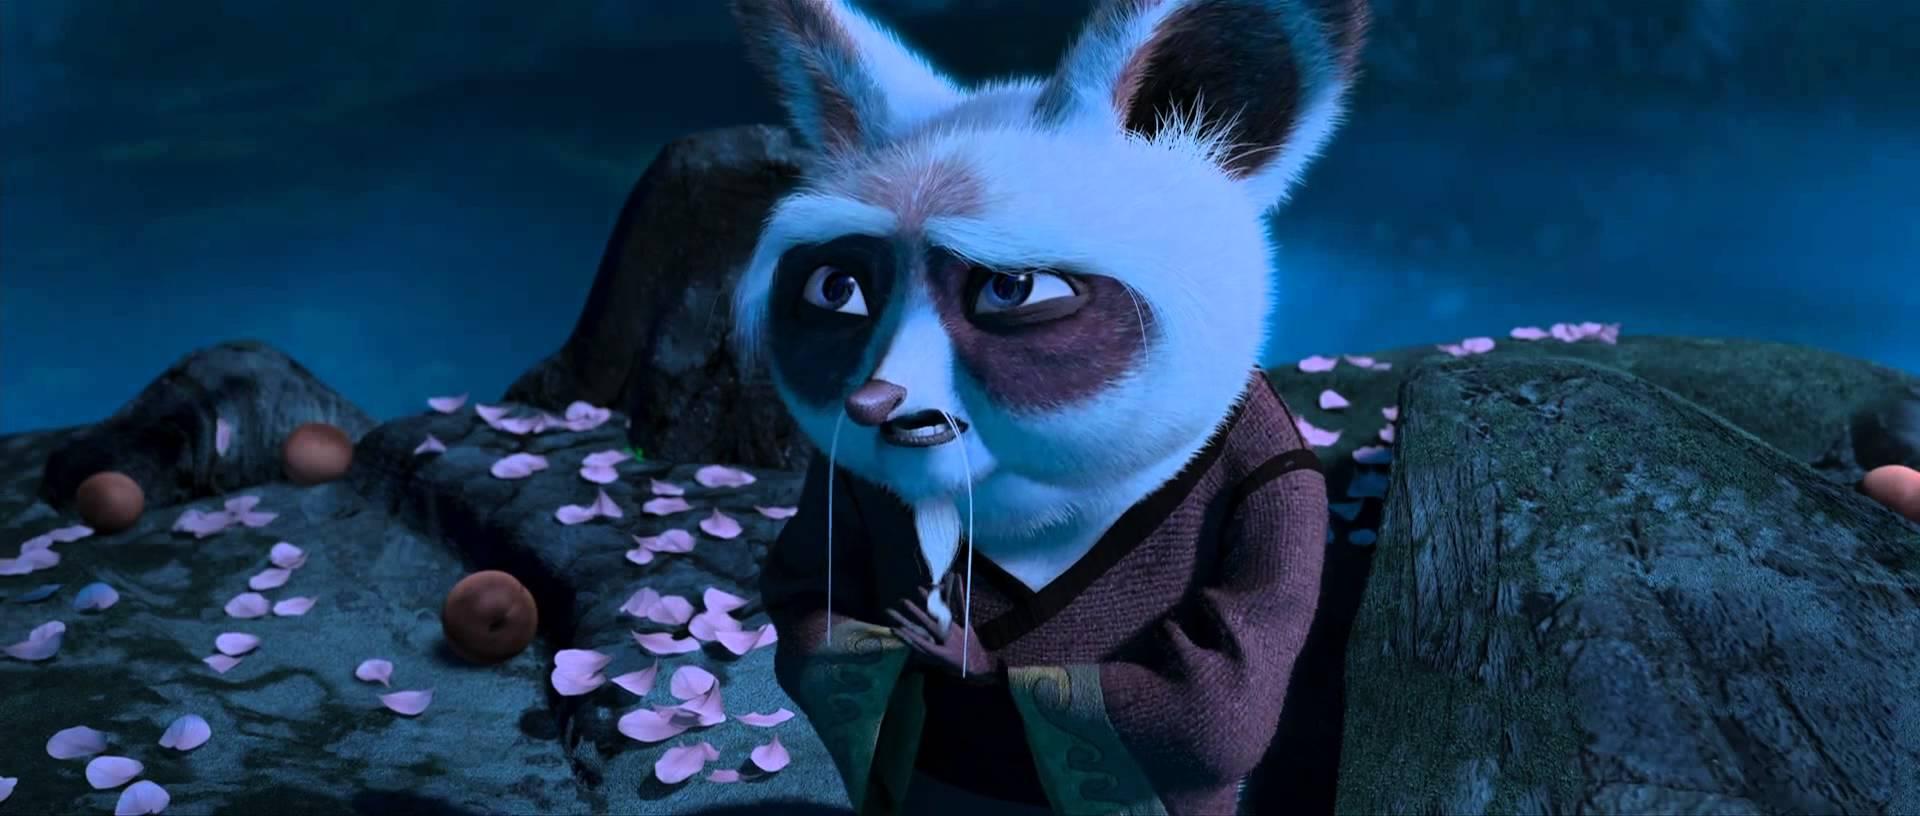 15 Quote di Film Kung Fu Panda yang Bakal Ubah Hidupmu